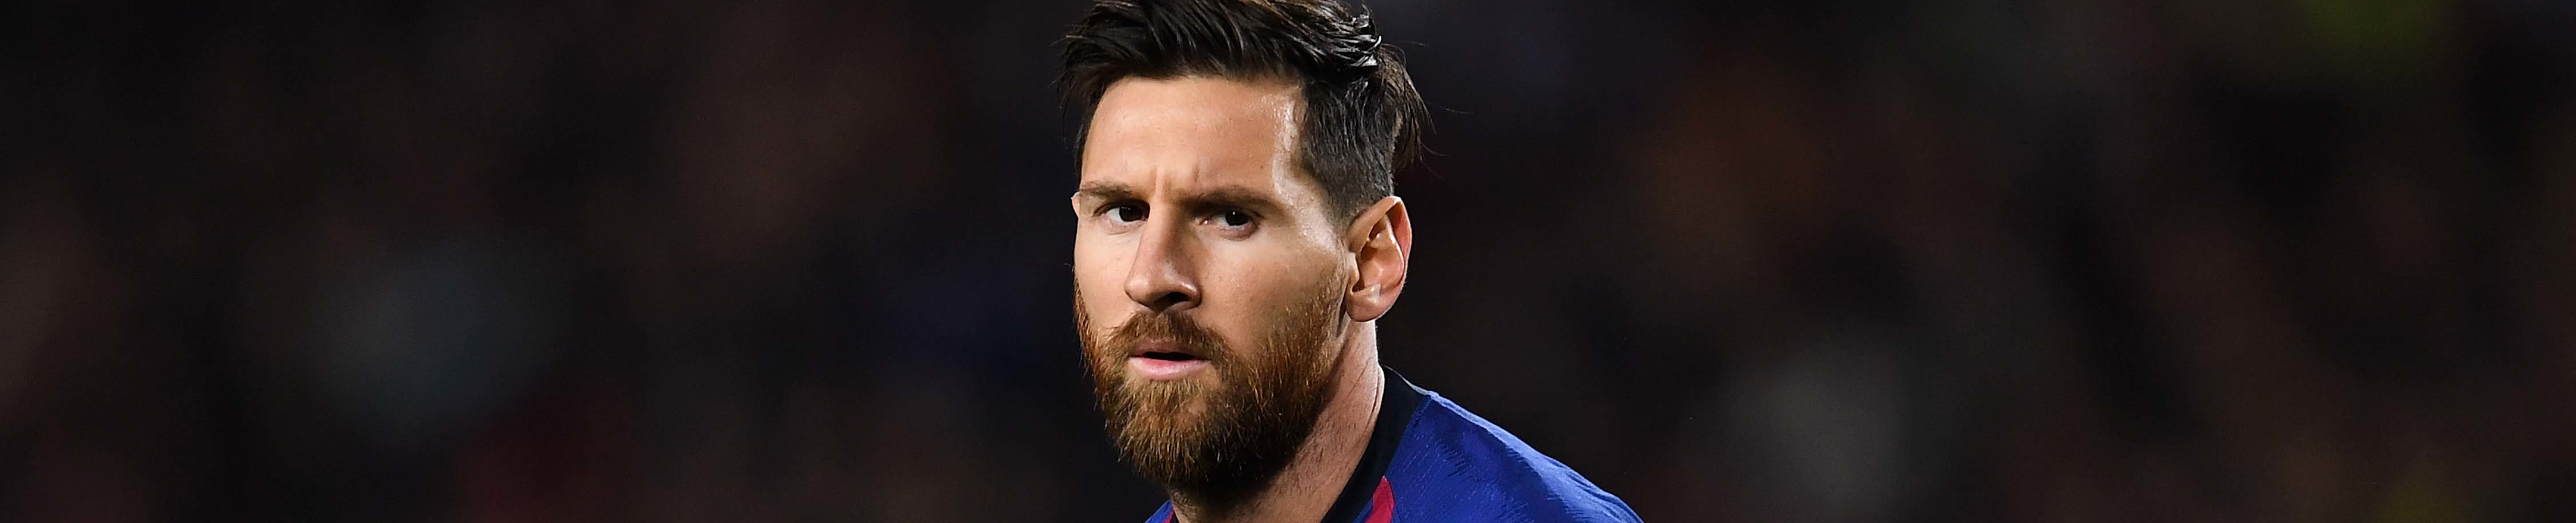 Barcellona-Atletico Madrid: i blaugrana per spegnere la Liga, Messi per l'11° gol in 54 giorni